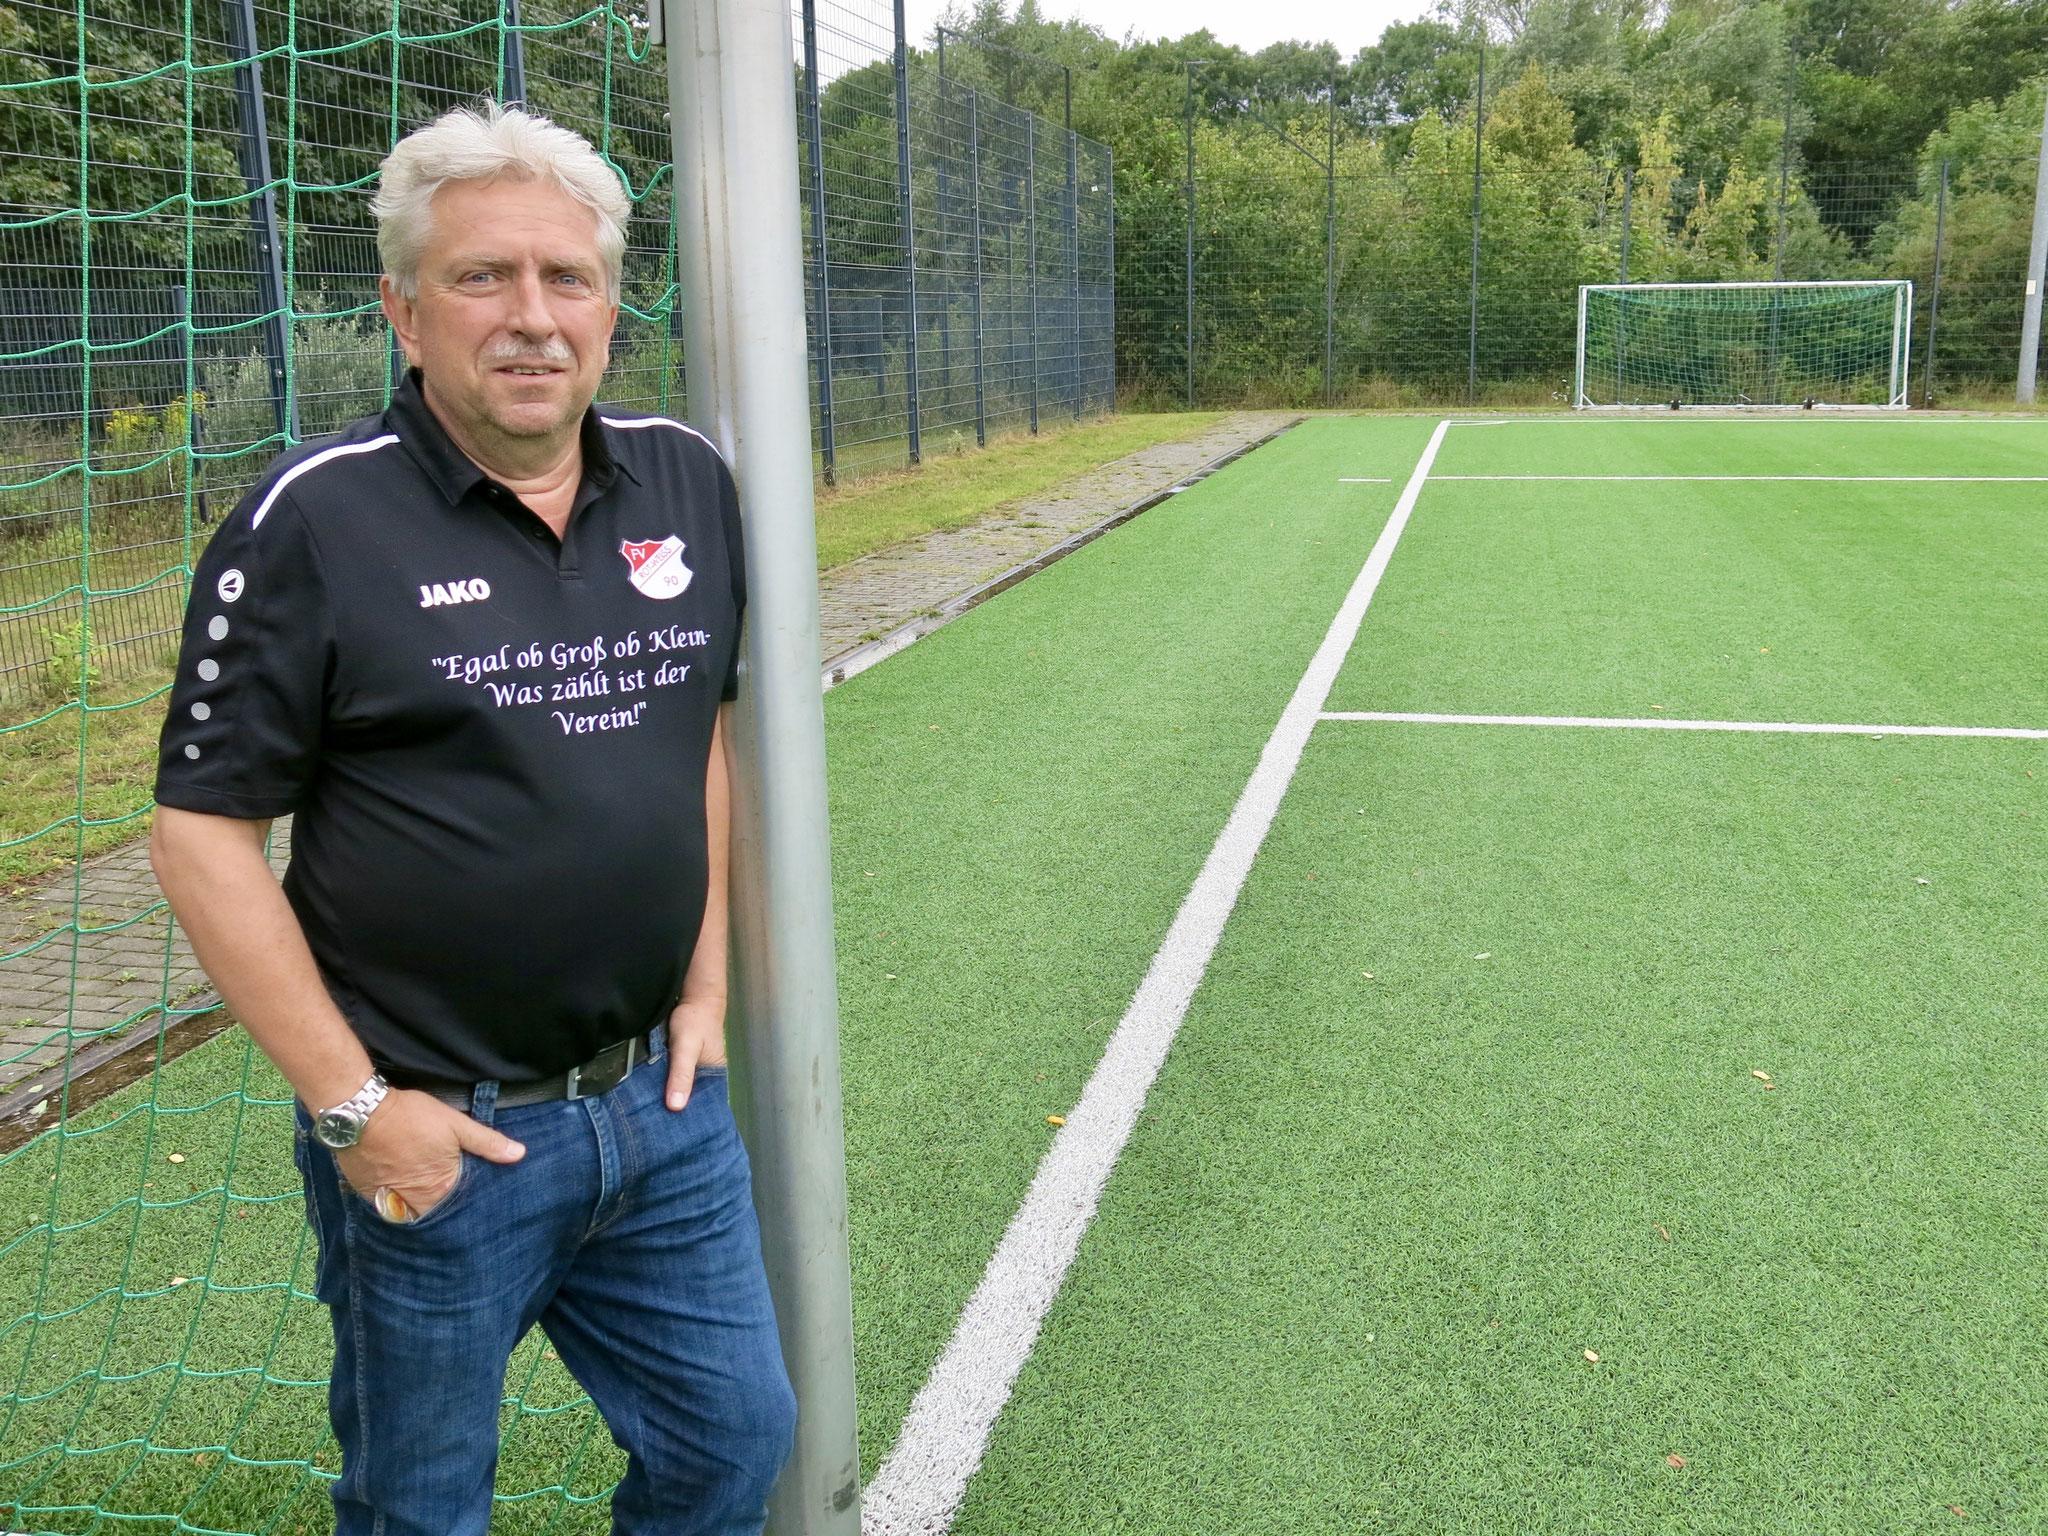 Vorstandschef Holger Scheibe gehört zu den Gründervätern von RWH. Das 30-jährige Bestehen seines Vereins hat er sich etwas anders vorgestellt.